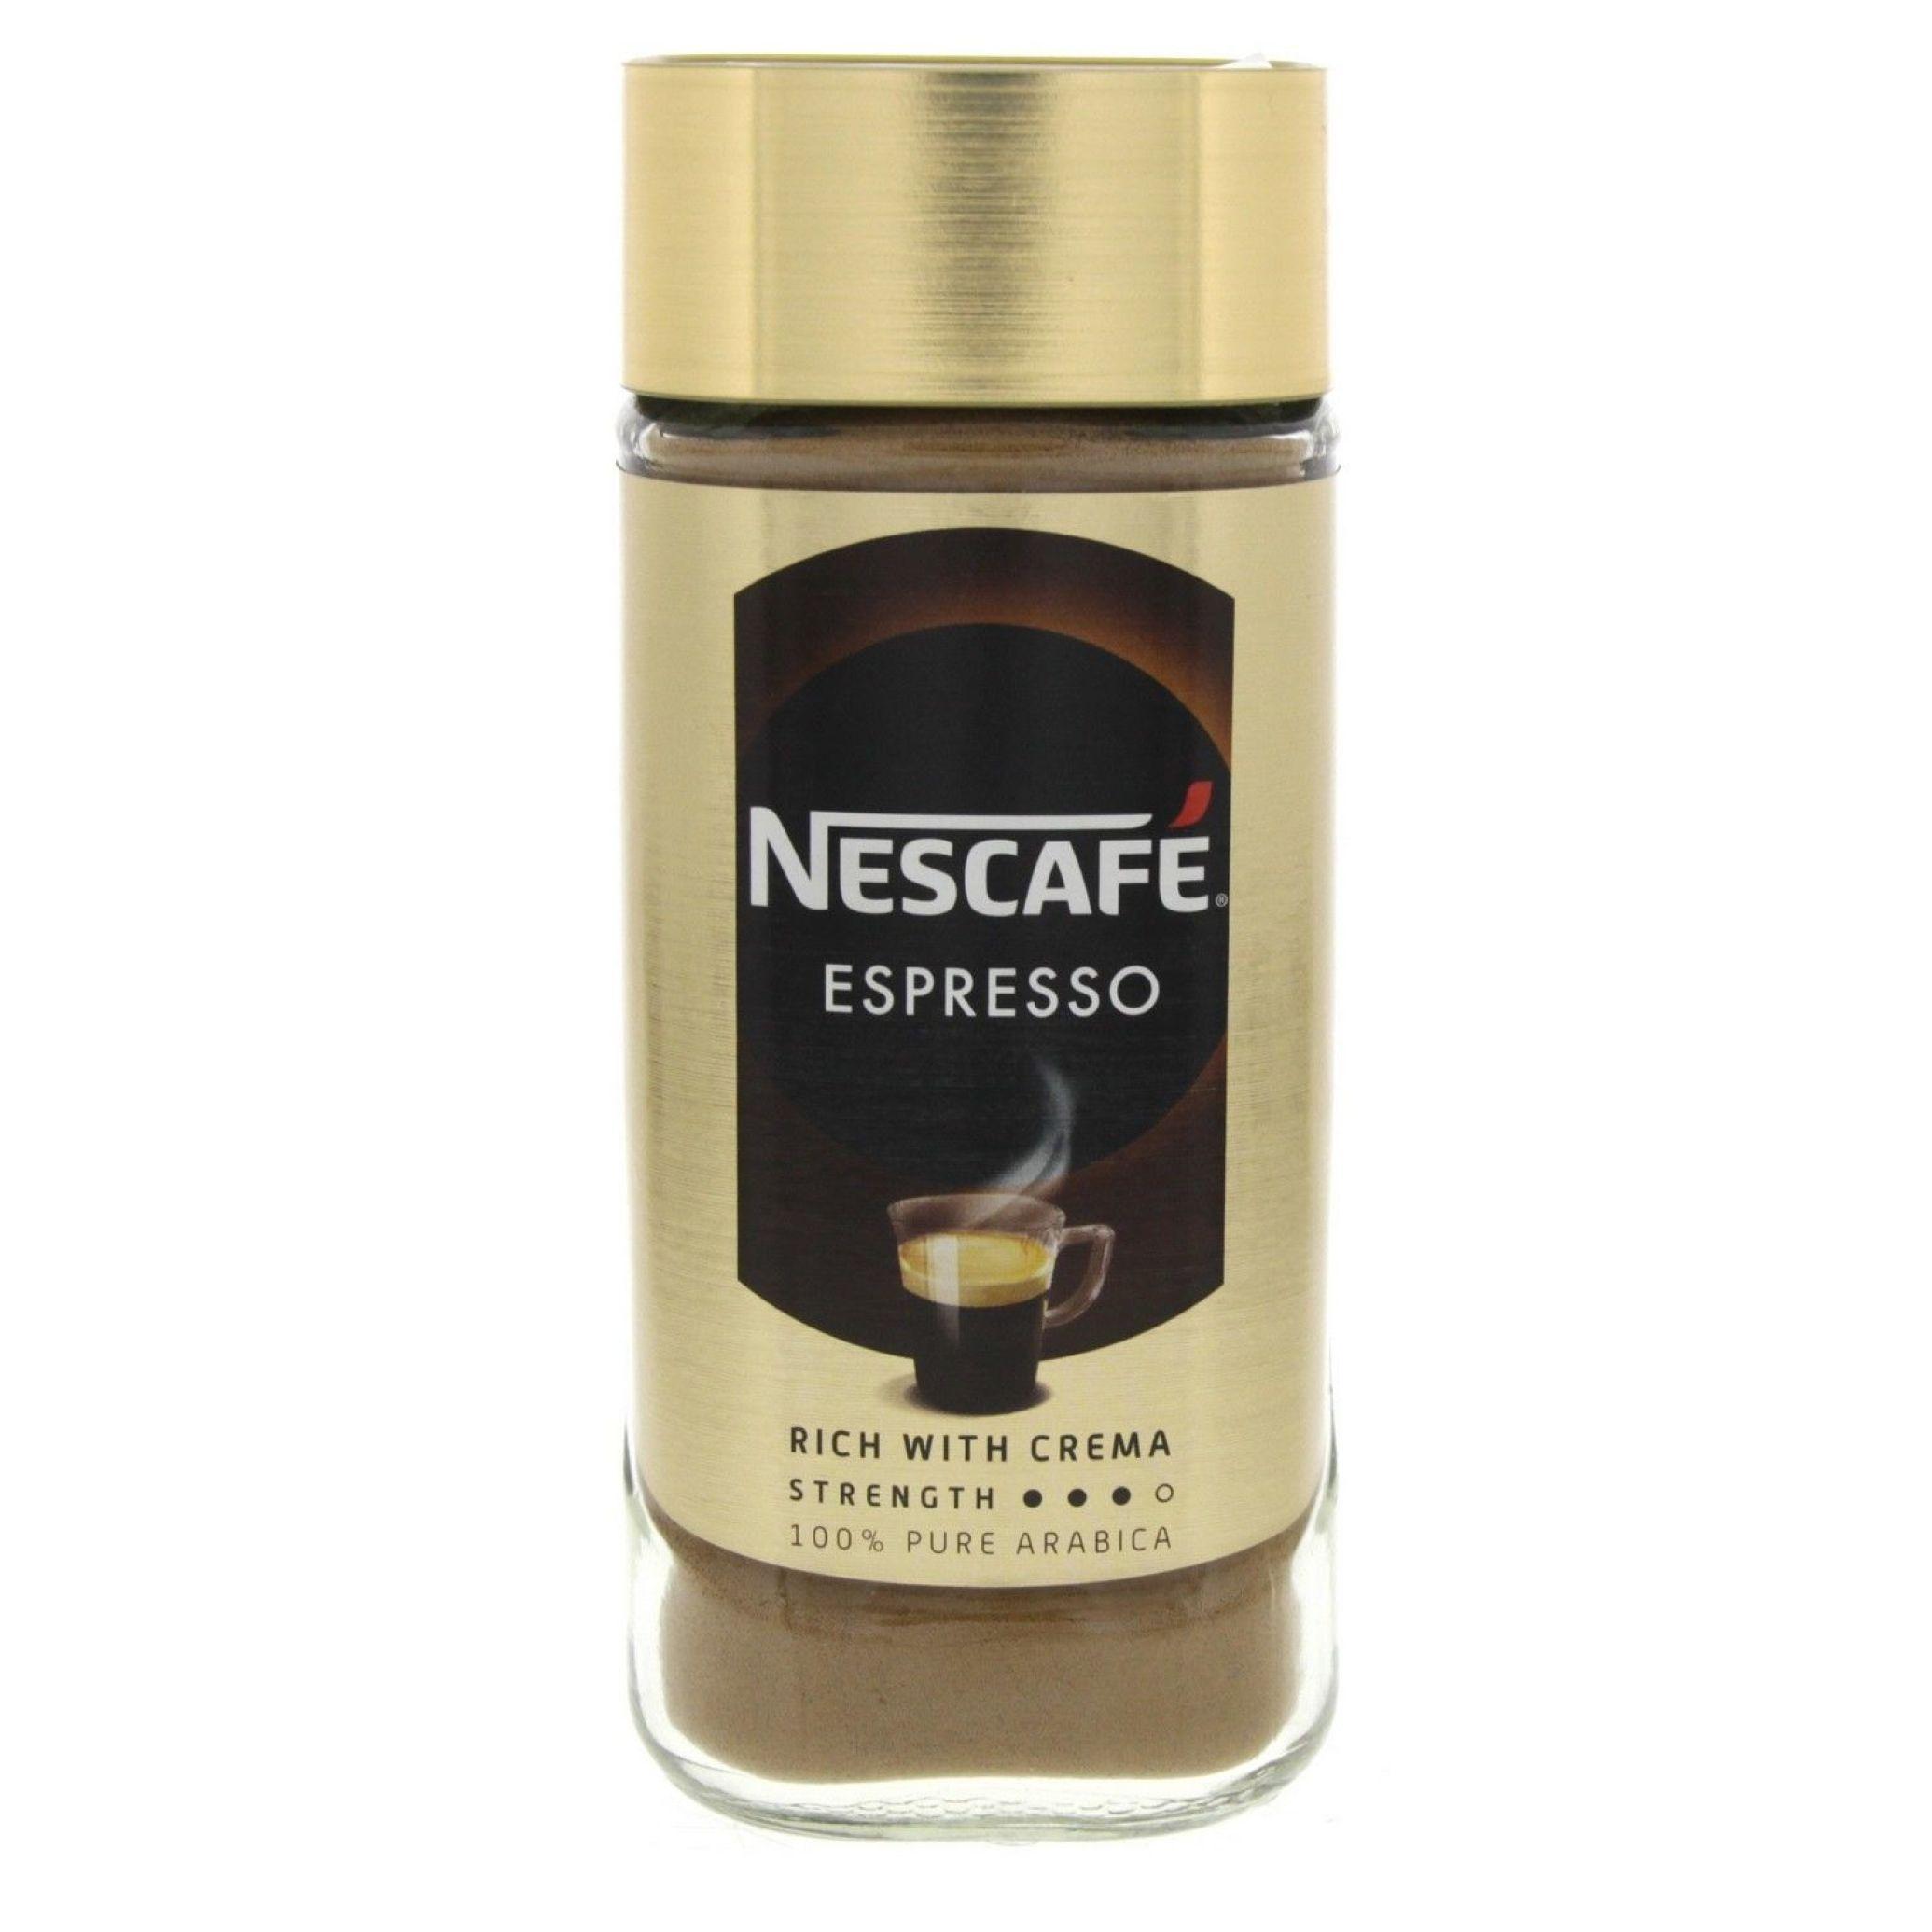 خرید اینترنتی قهوه فوری نسکافه مدل sperso مقدار 100 گرمی مرجع تخصصی چیپس میوه و خشکبار قهوه دمنوش چای وجیسنک